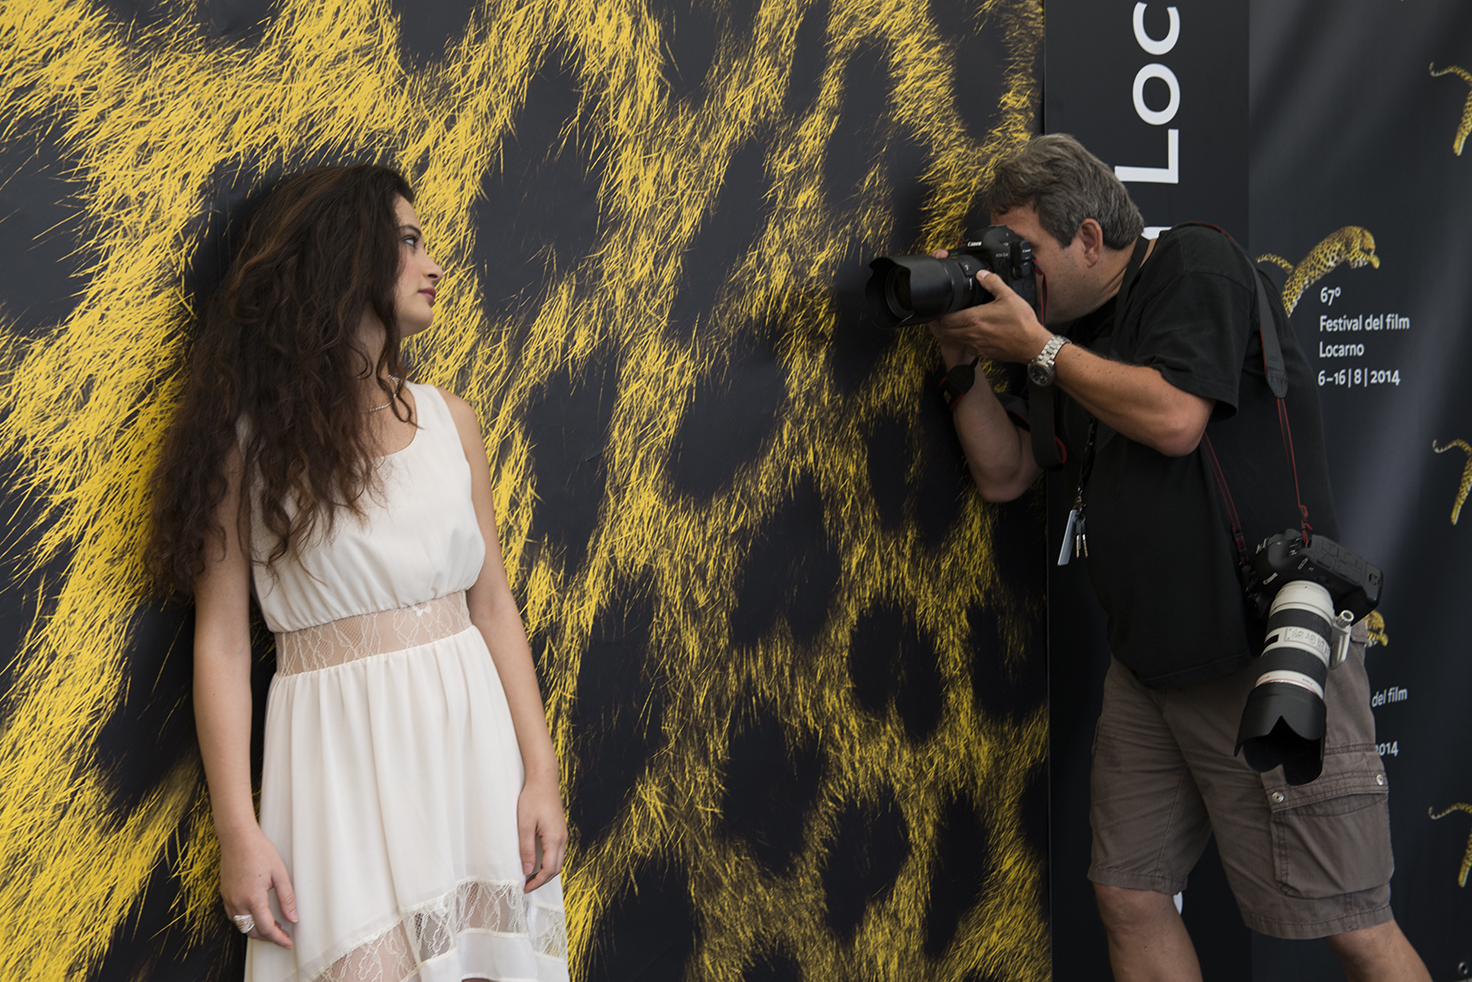 """""""Perfidia"""" di Bonifacio Angius: unico film italiano presente al Festival del Film di Locarno 2014"""